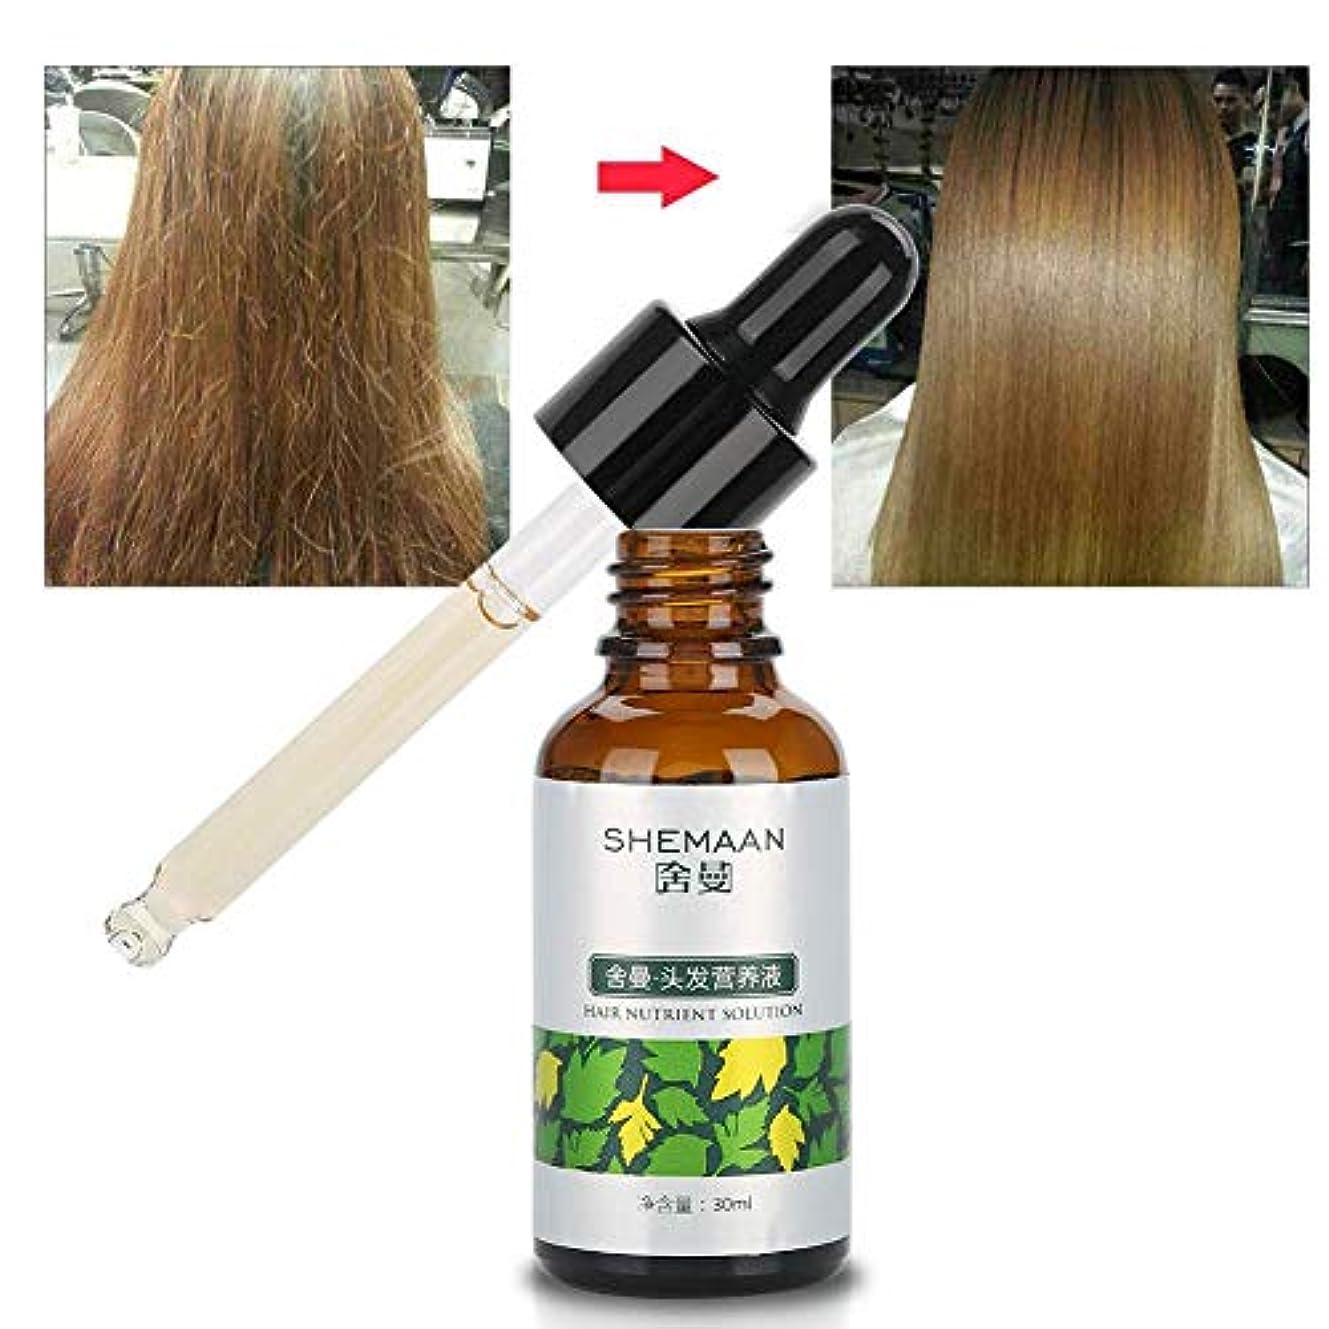 色合い虫を数えるジムオイルヘア製品、30mlユニセックスセラムにより、髪を滑らかで柔らかく、明るい髪にします。髪のもつれや枝毛を減らします。